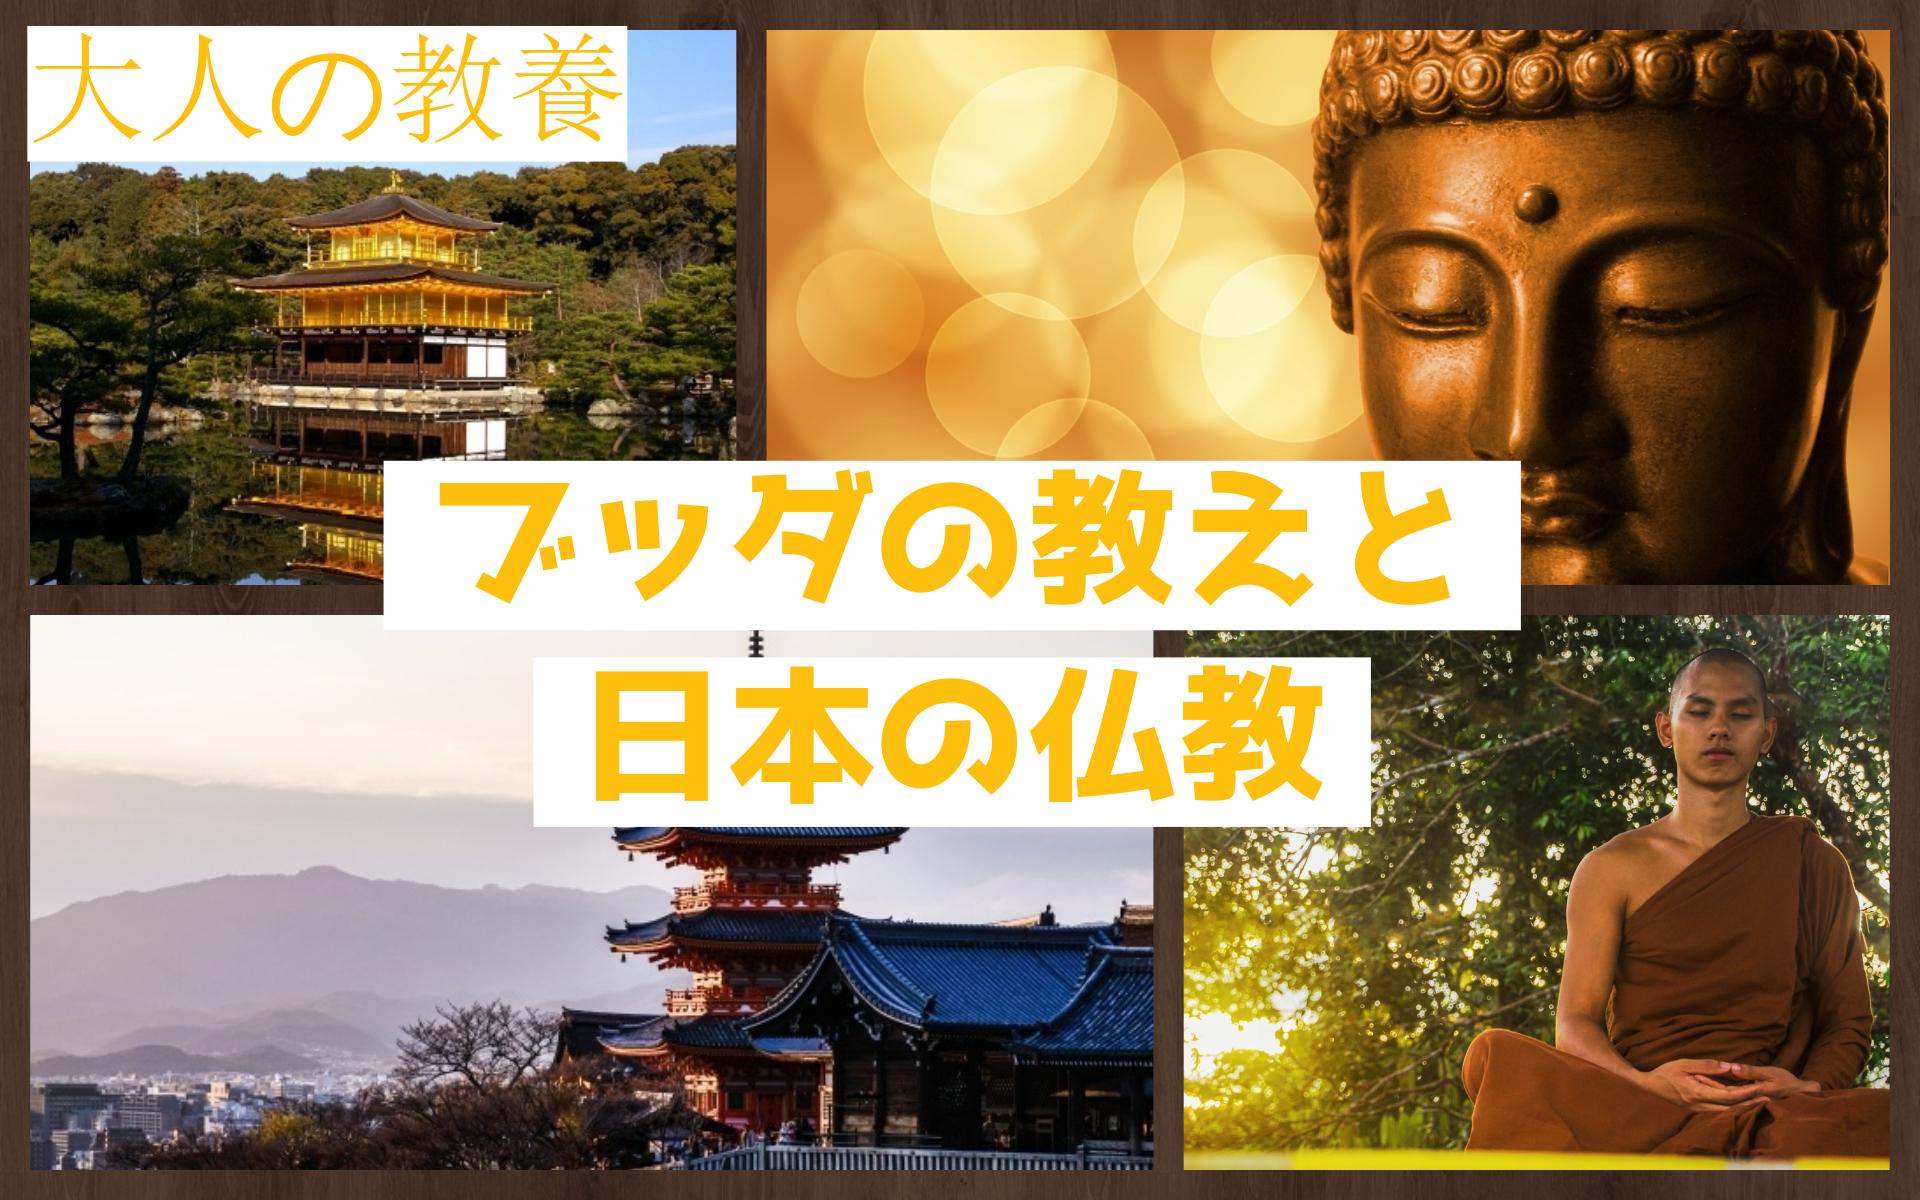 知っておきたい大人の教養 ブッダの教えと日本の仏教